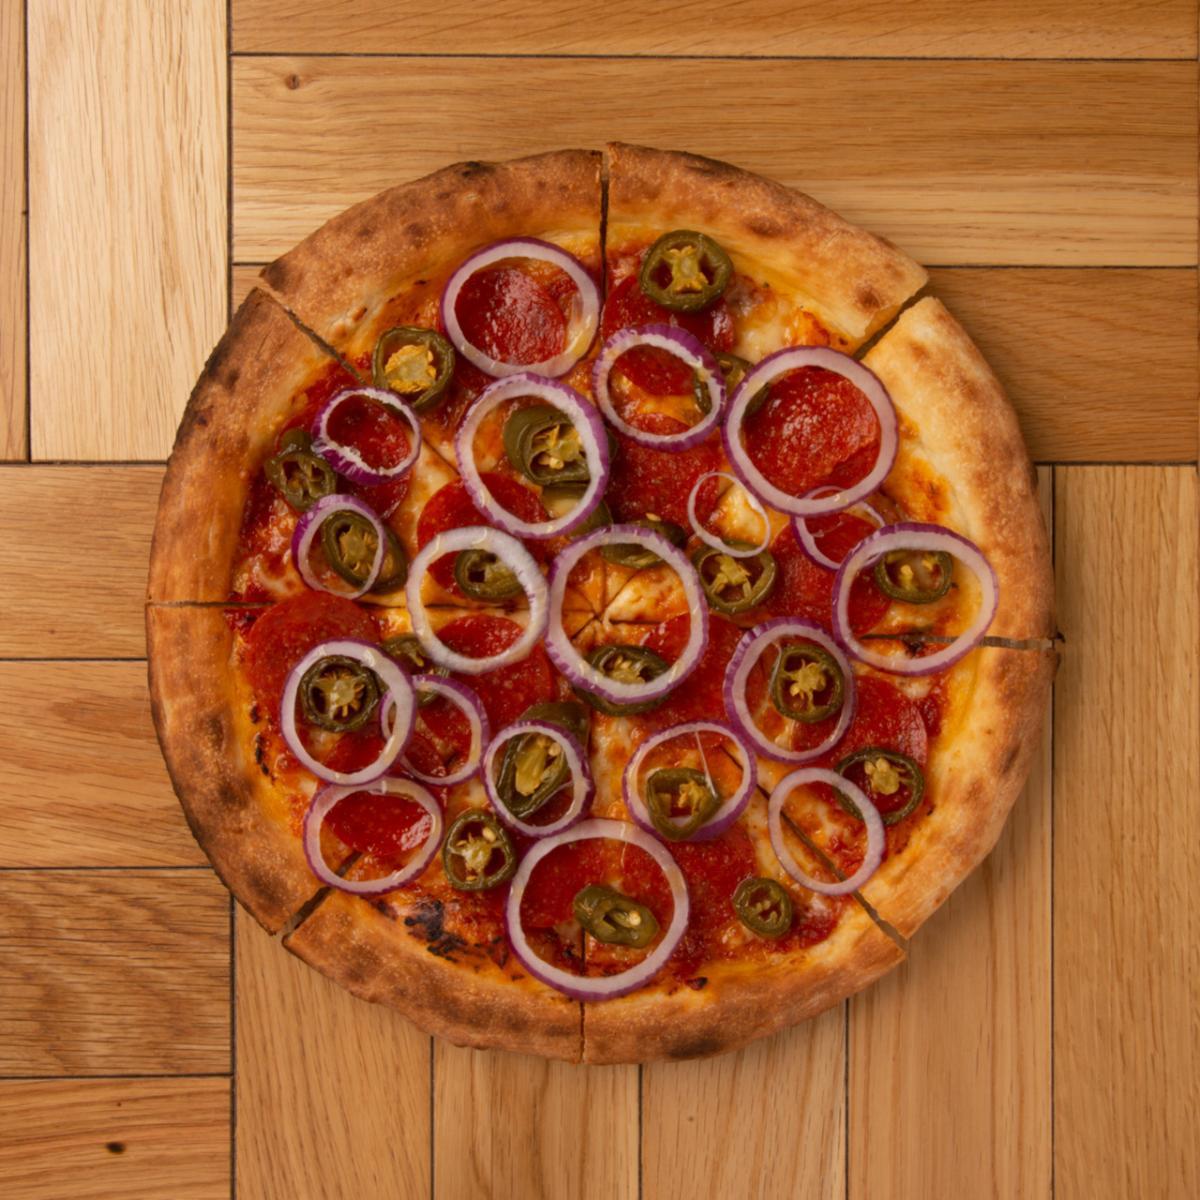 シュプリームピザ【ドリンク&ポテトセット】のイメージ